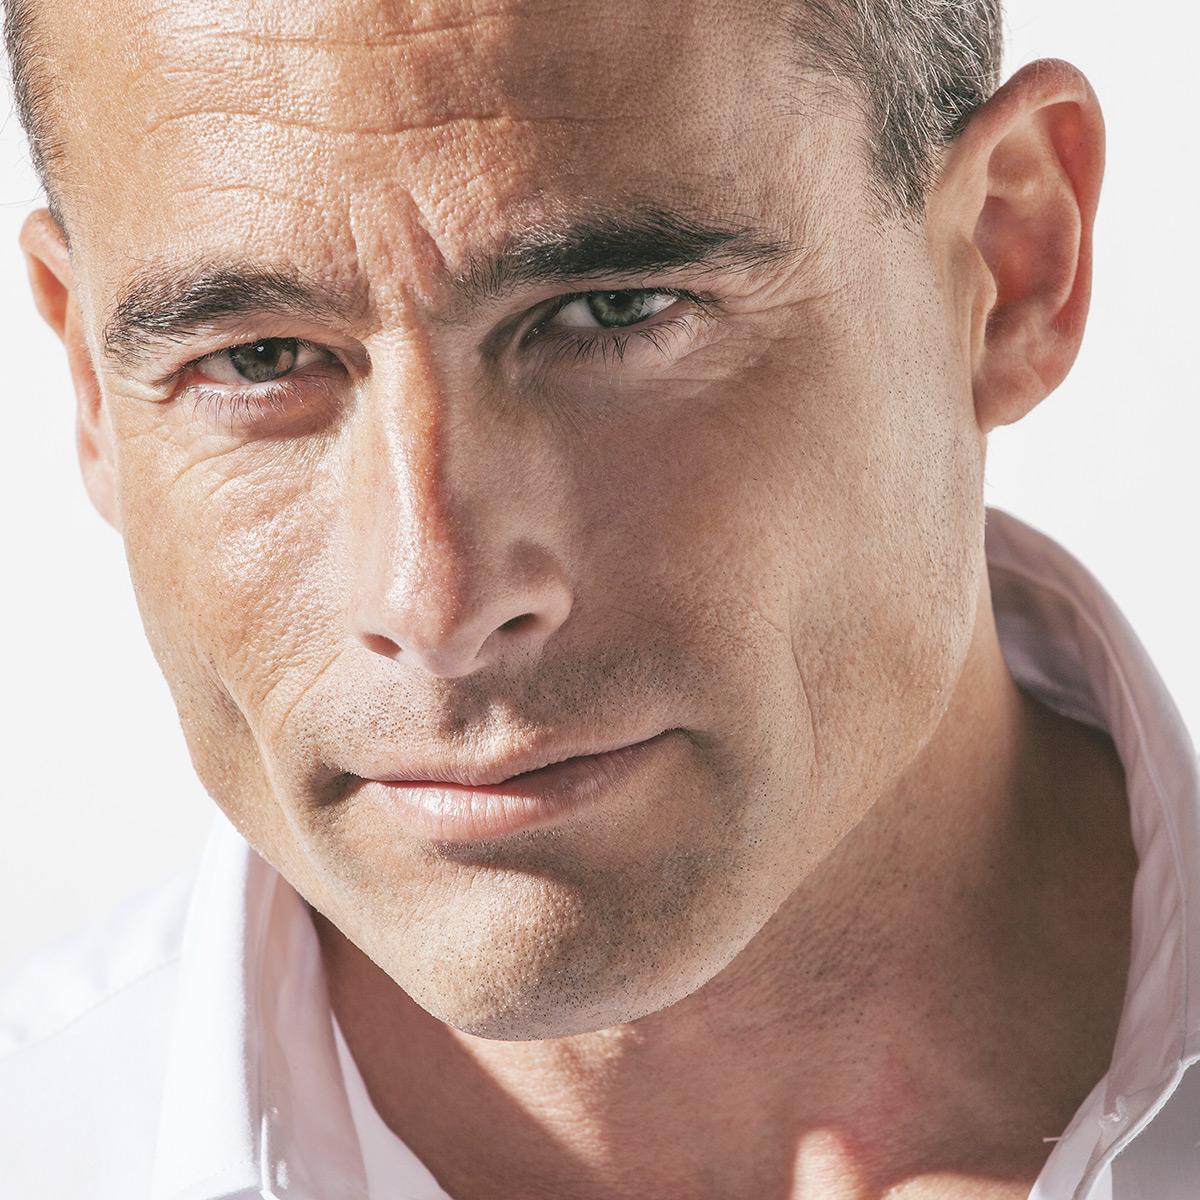 Chirurgie-de-lhomme Docteur Thierry Aboudaram Chirurgien Esthétique à Paris